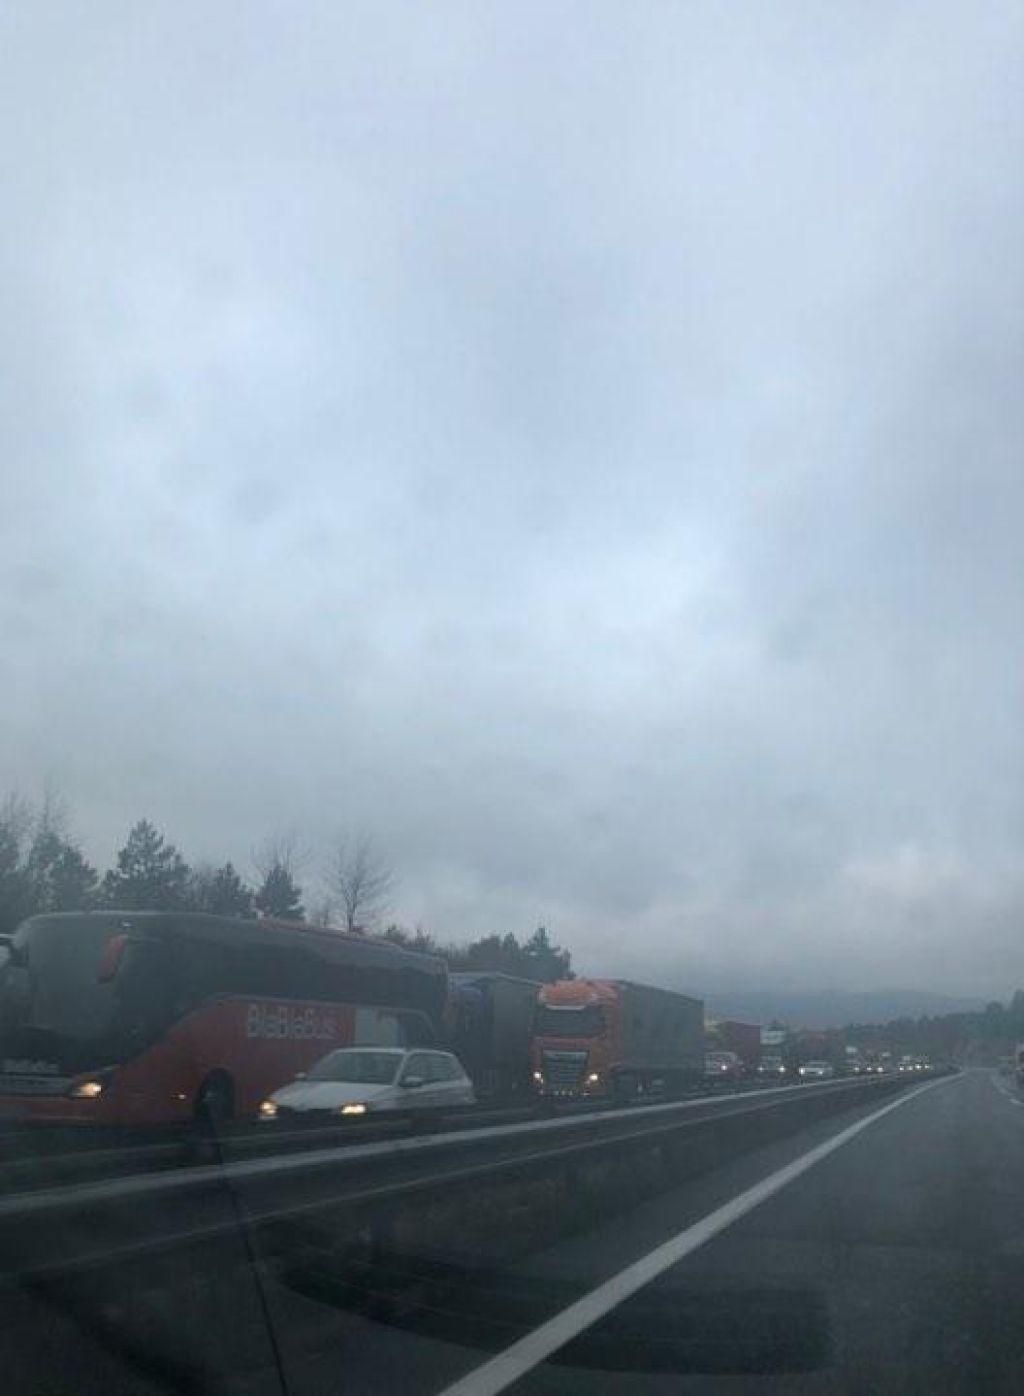 Po nesreči z gorečim tovornjakom še vedno oviran promet